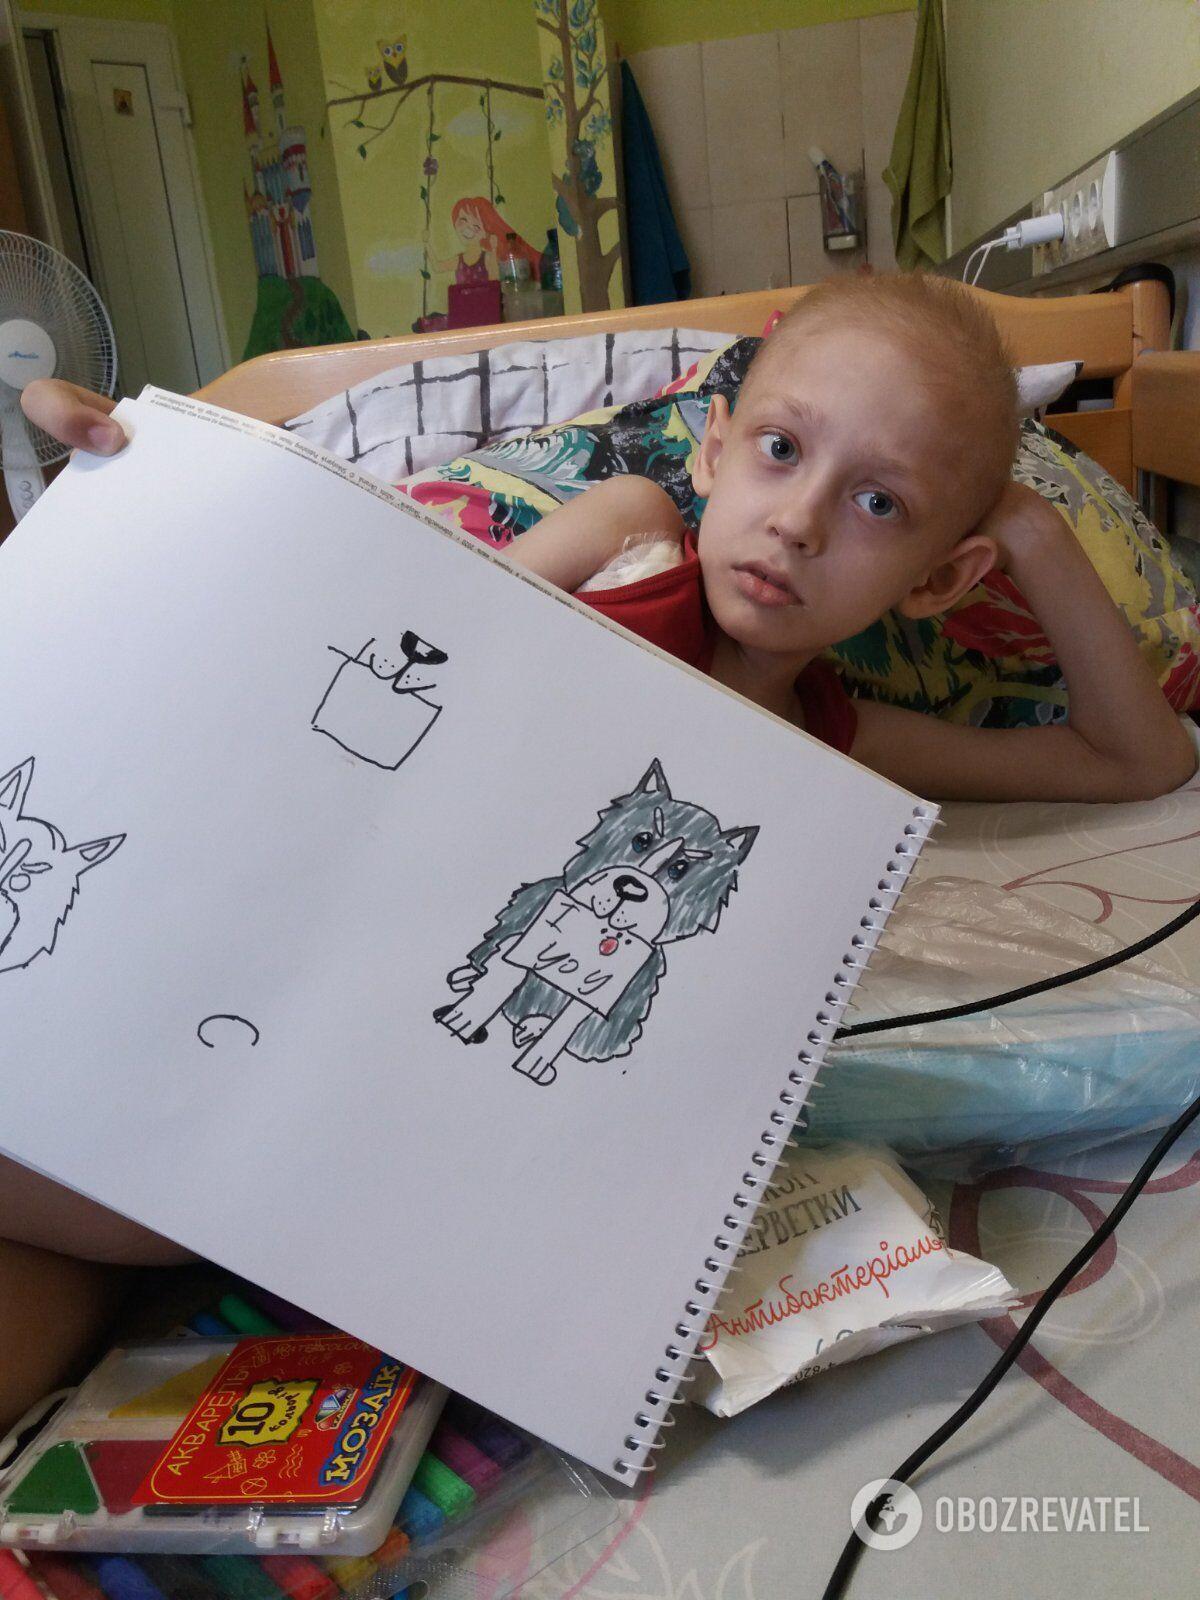 Мальчик любит рисовать и мечтает стать архитектором